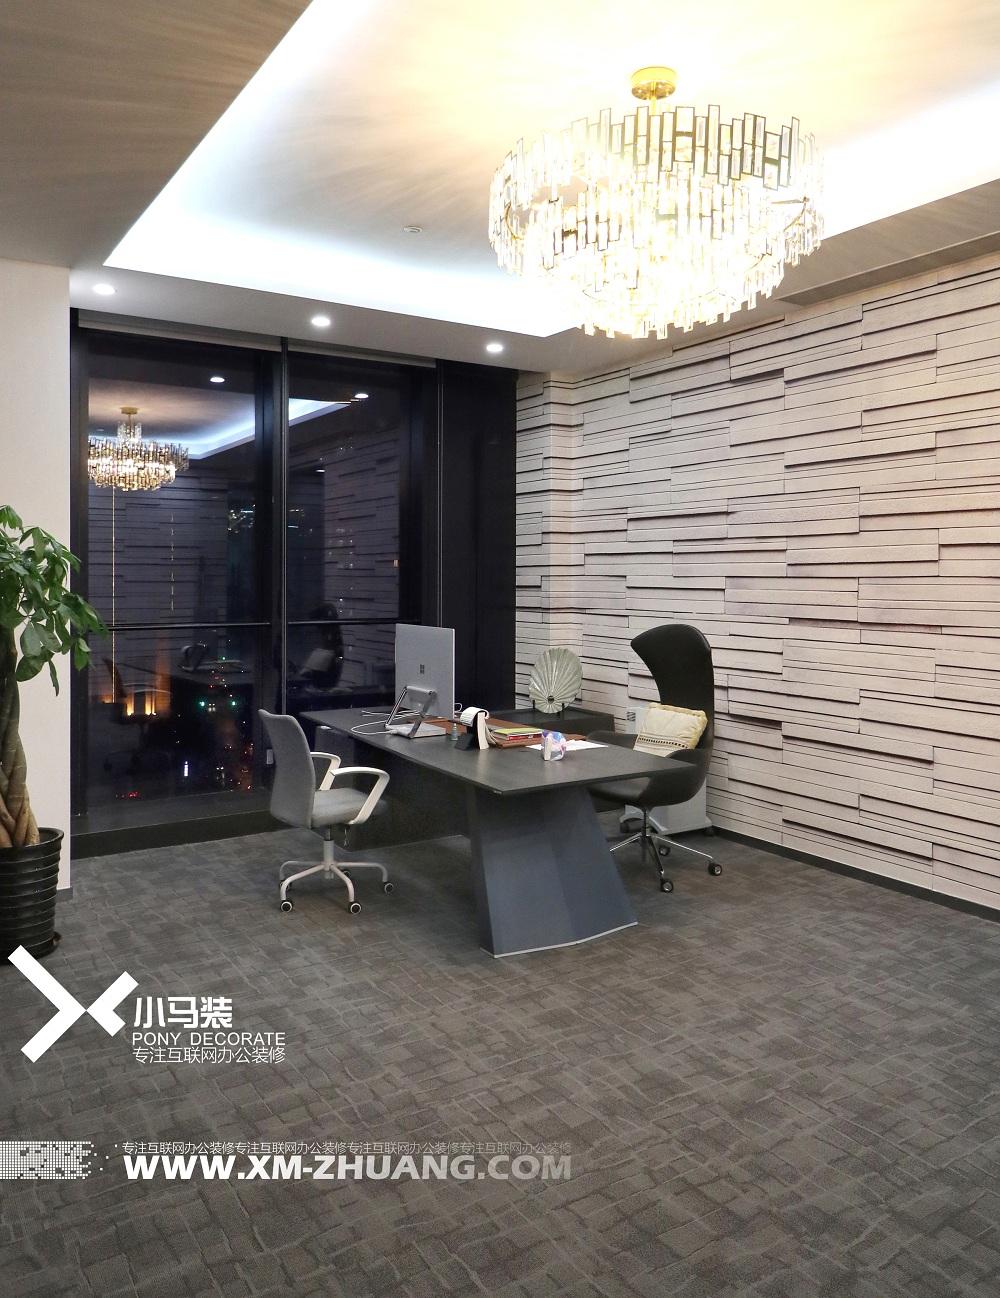 外滩金融中心办公装修设计项目